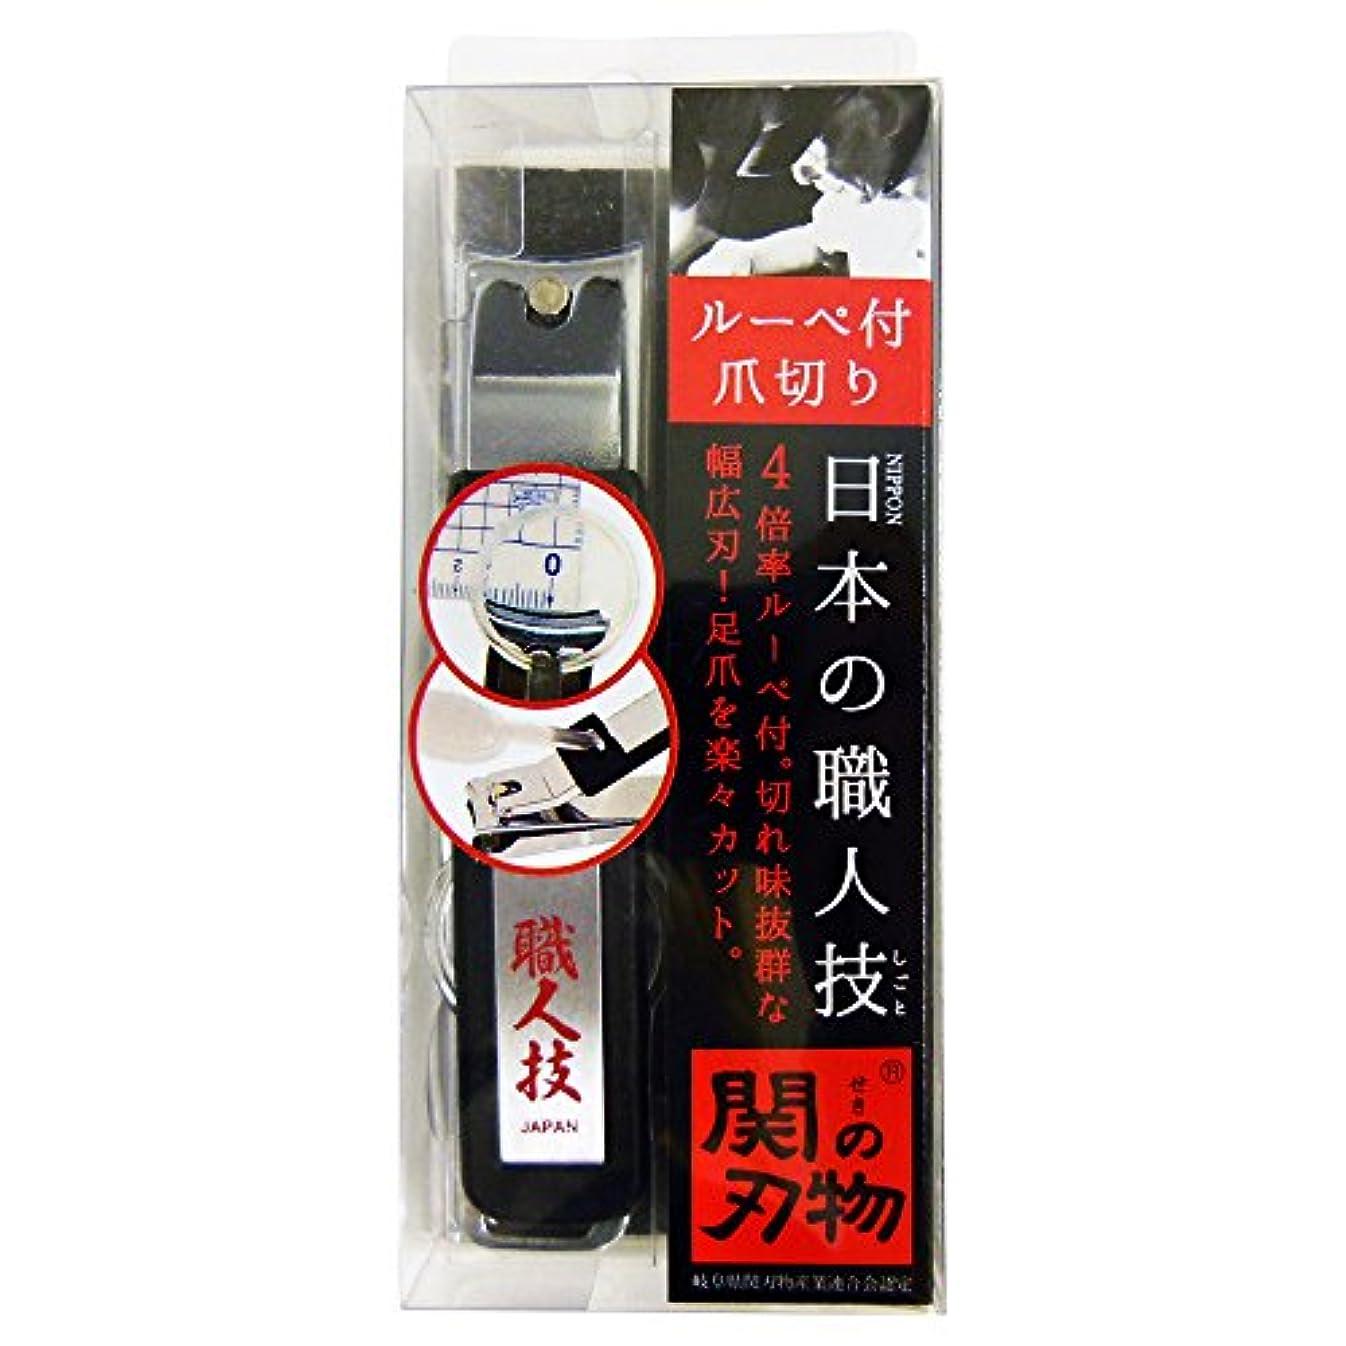 あいまい苦悩誤って関の刃物 ルーペ付爪切り SK-07 (1個入)